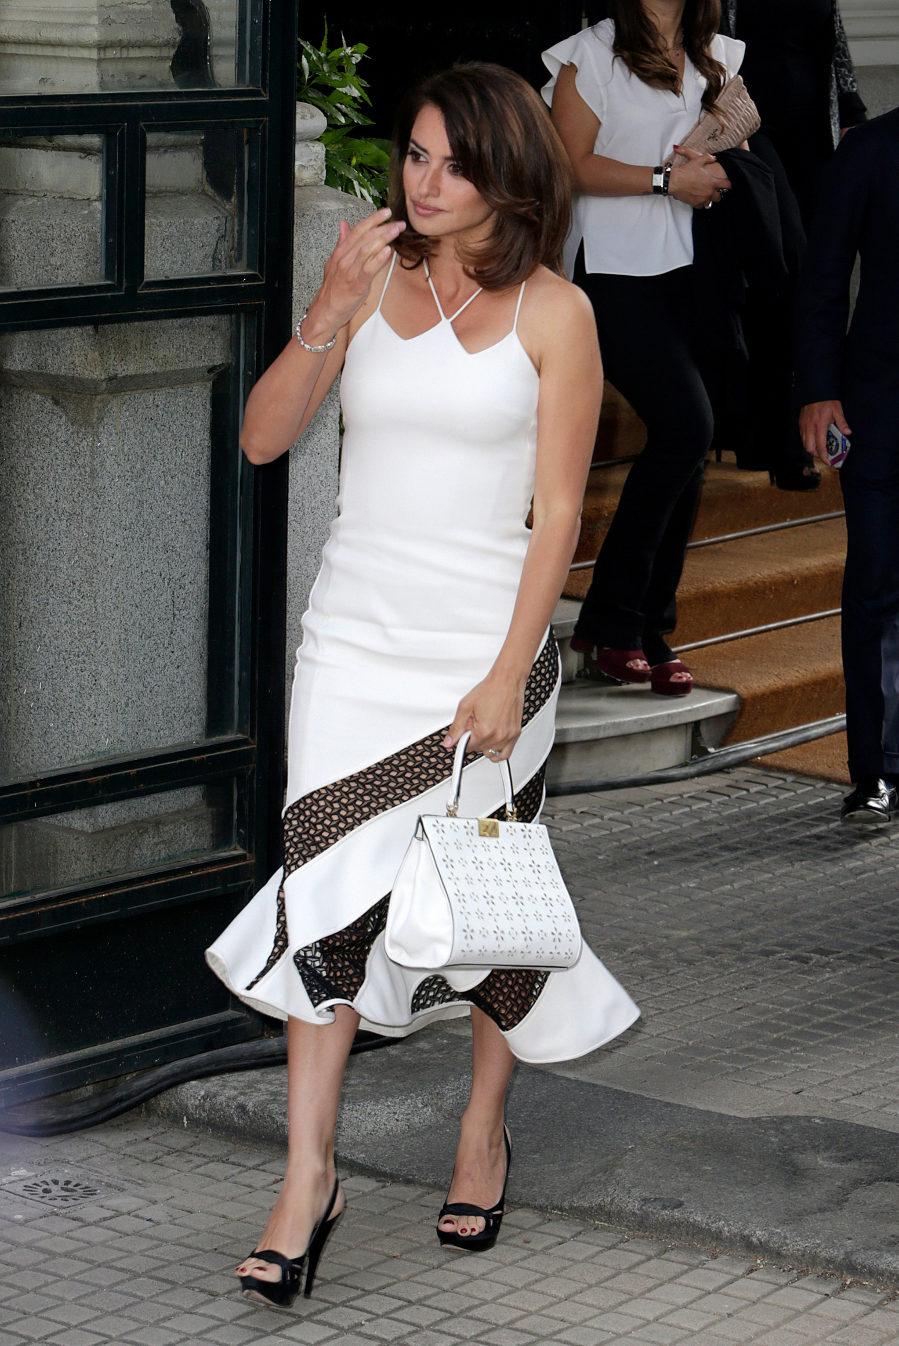 La actriz apostó por un vestido blanco y negro de David Koma.